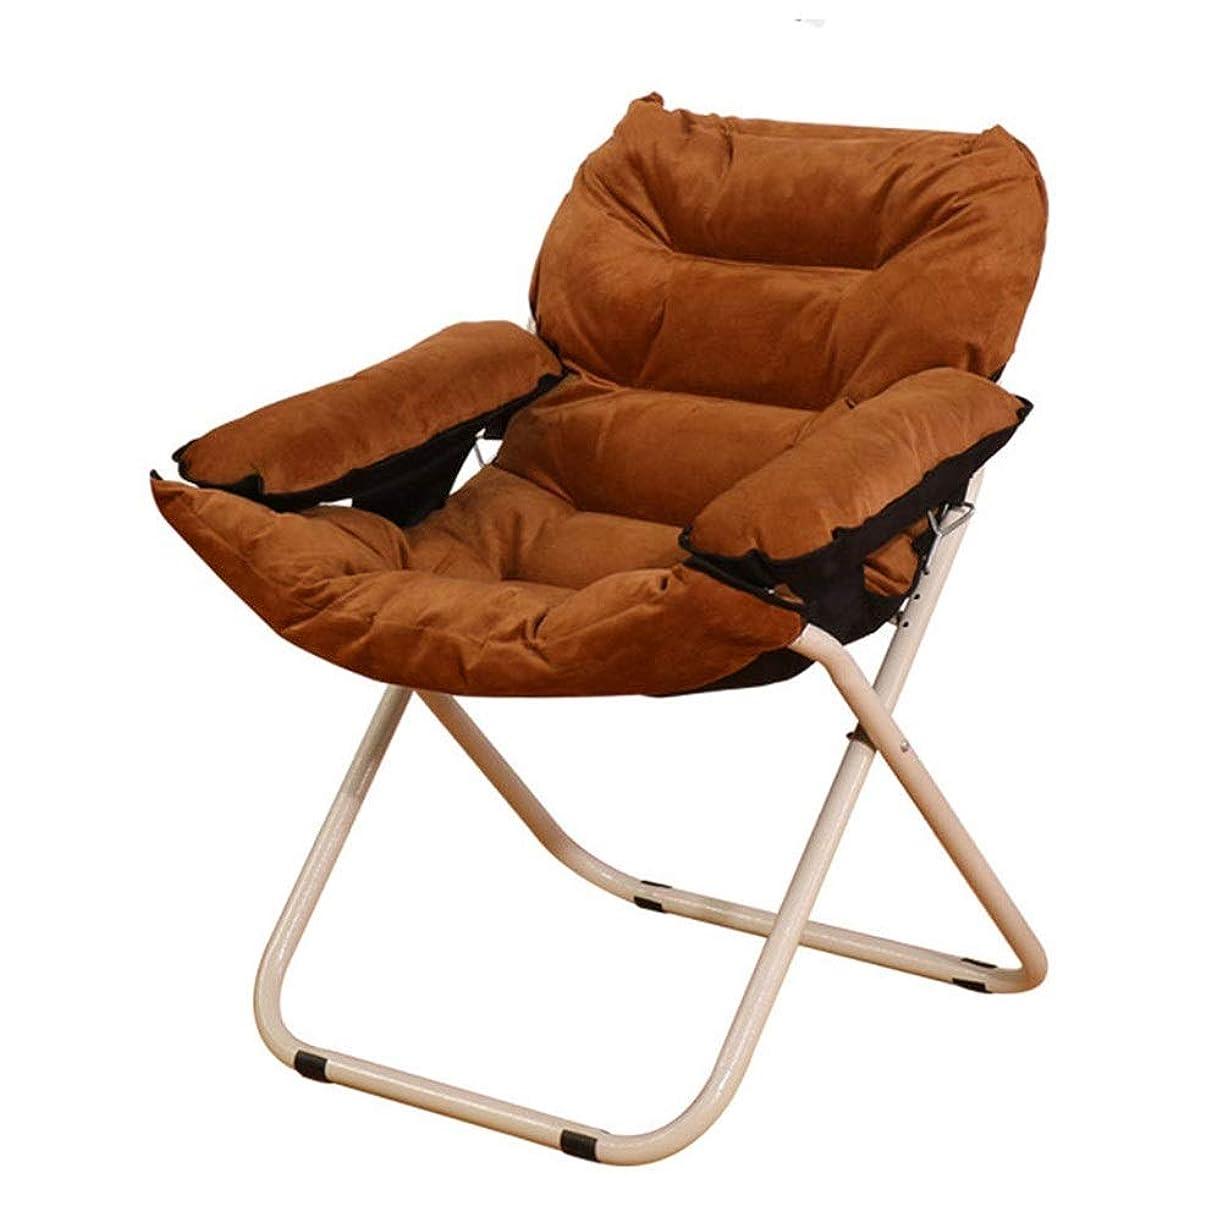 ローラー合図ロードハウス怠惰なソファラウンジチェアフラットデザイン簡単折り家庭用ランチ休憩高齢者怠惰な折りたたみ椅子 個人的な時間を快適に楽しむ (色 : 褐色, サイズ : 62*62*92cm)